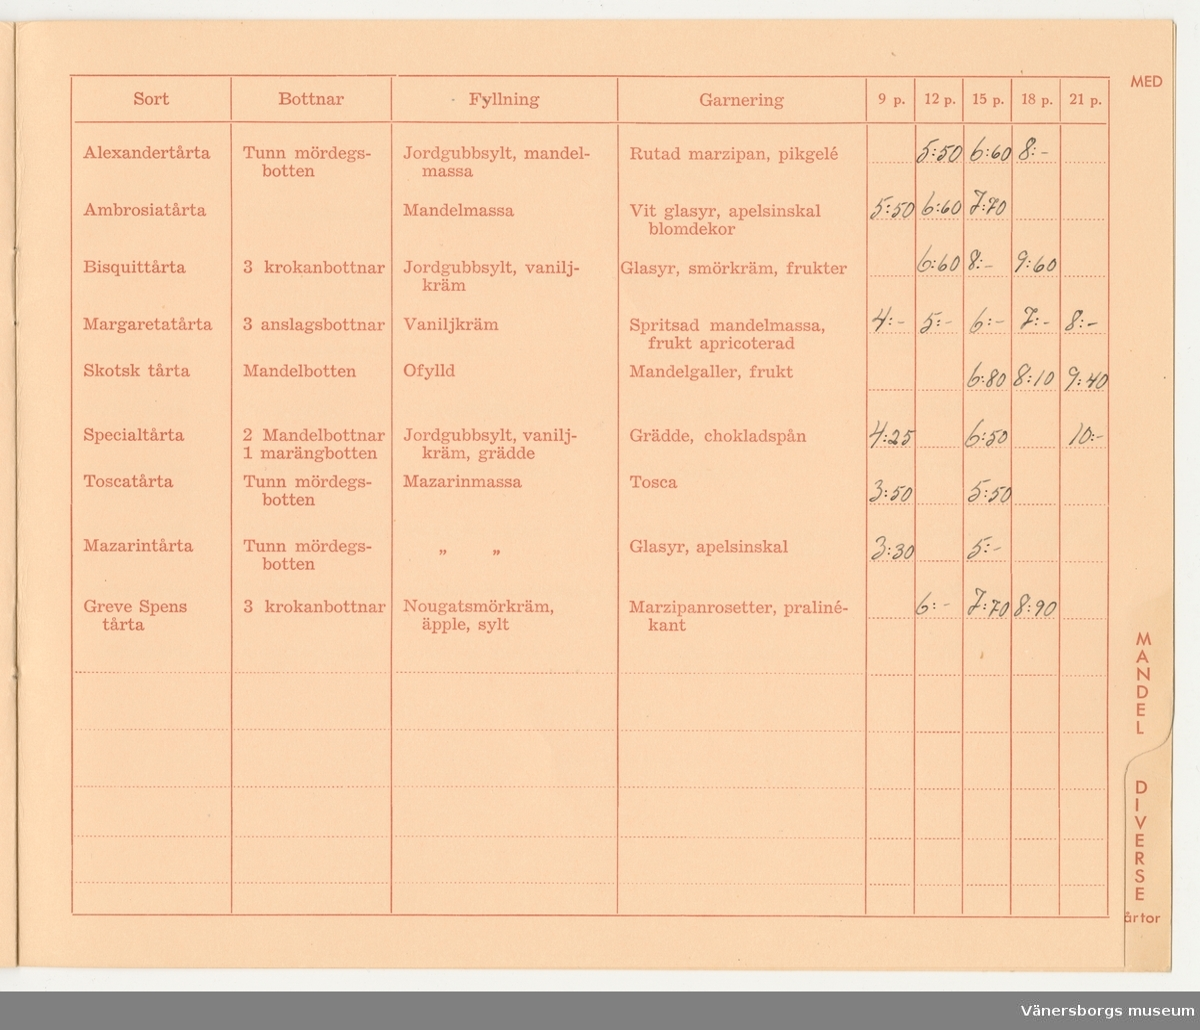 Kalender/häfte med olika bakverk för beställning för Nordfeldts konditori.  Kalendern är uppdelat i olika flikar, i tårtor med: Smörkräm Grädde Marzipan Mandel  Diverse